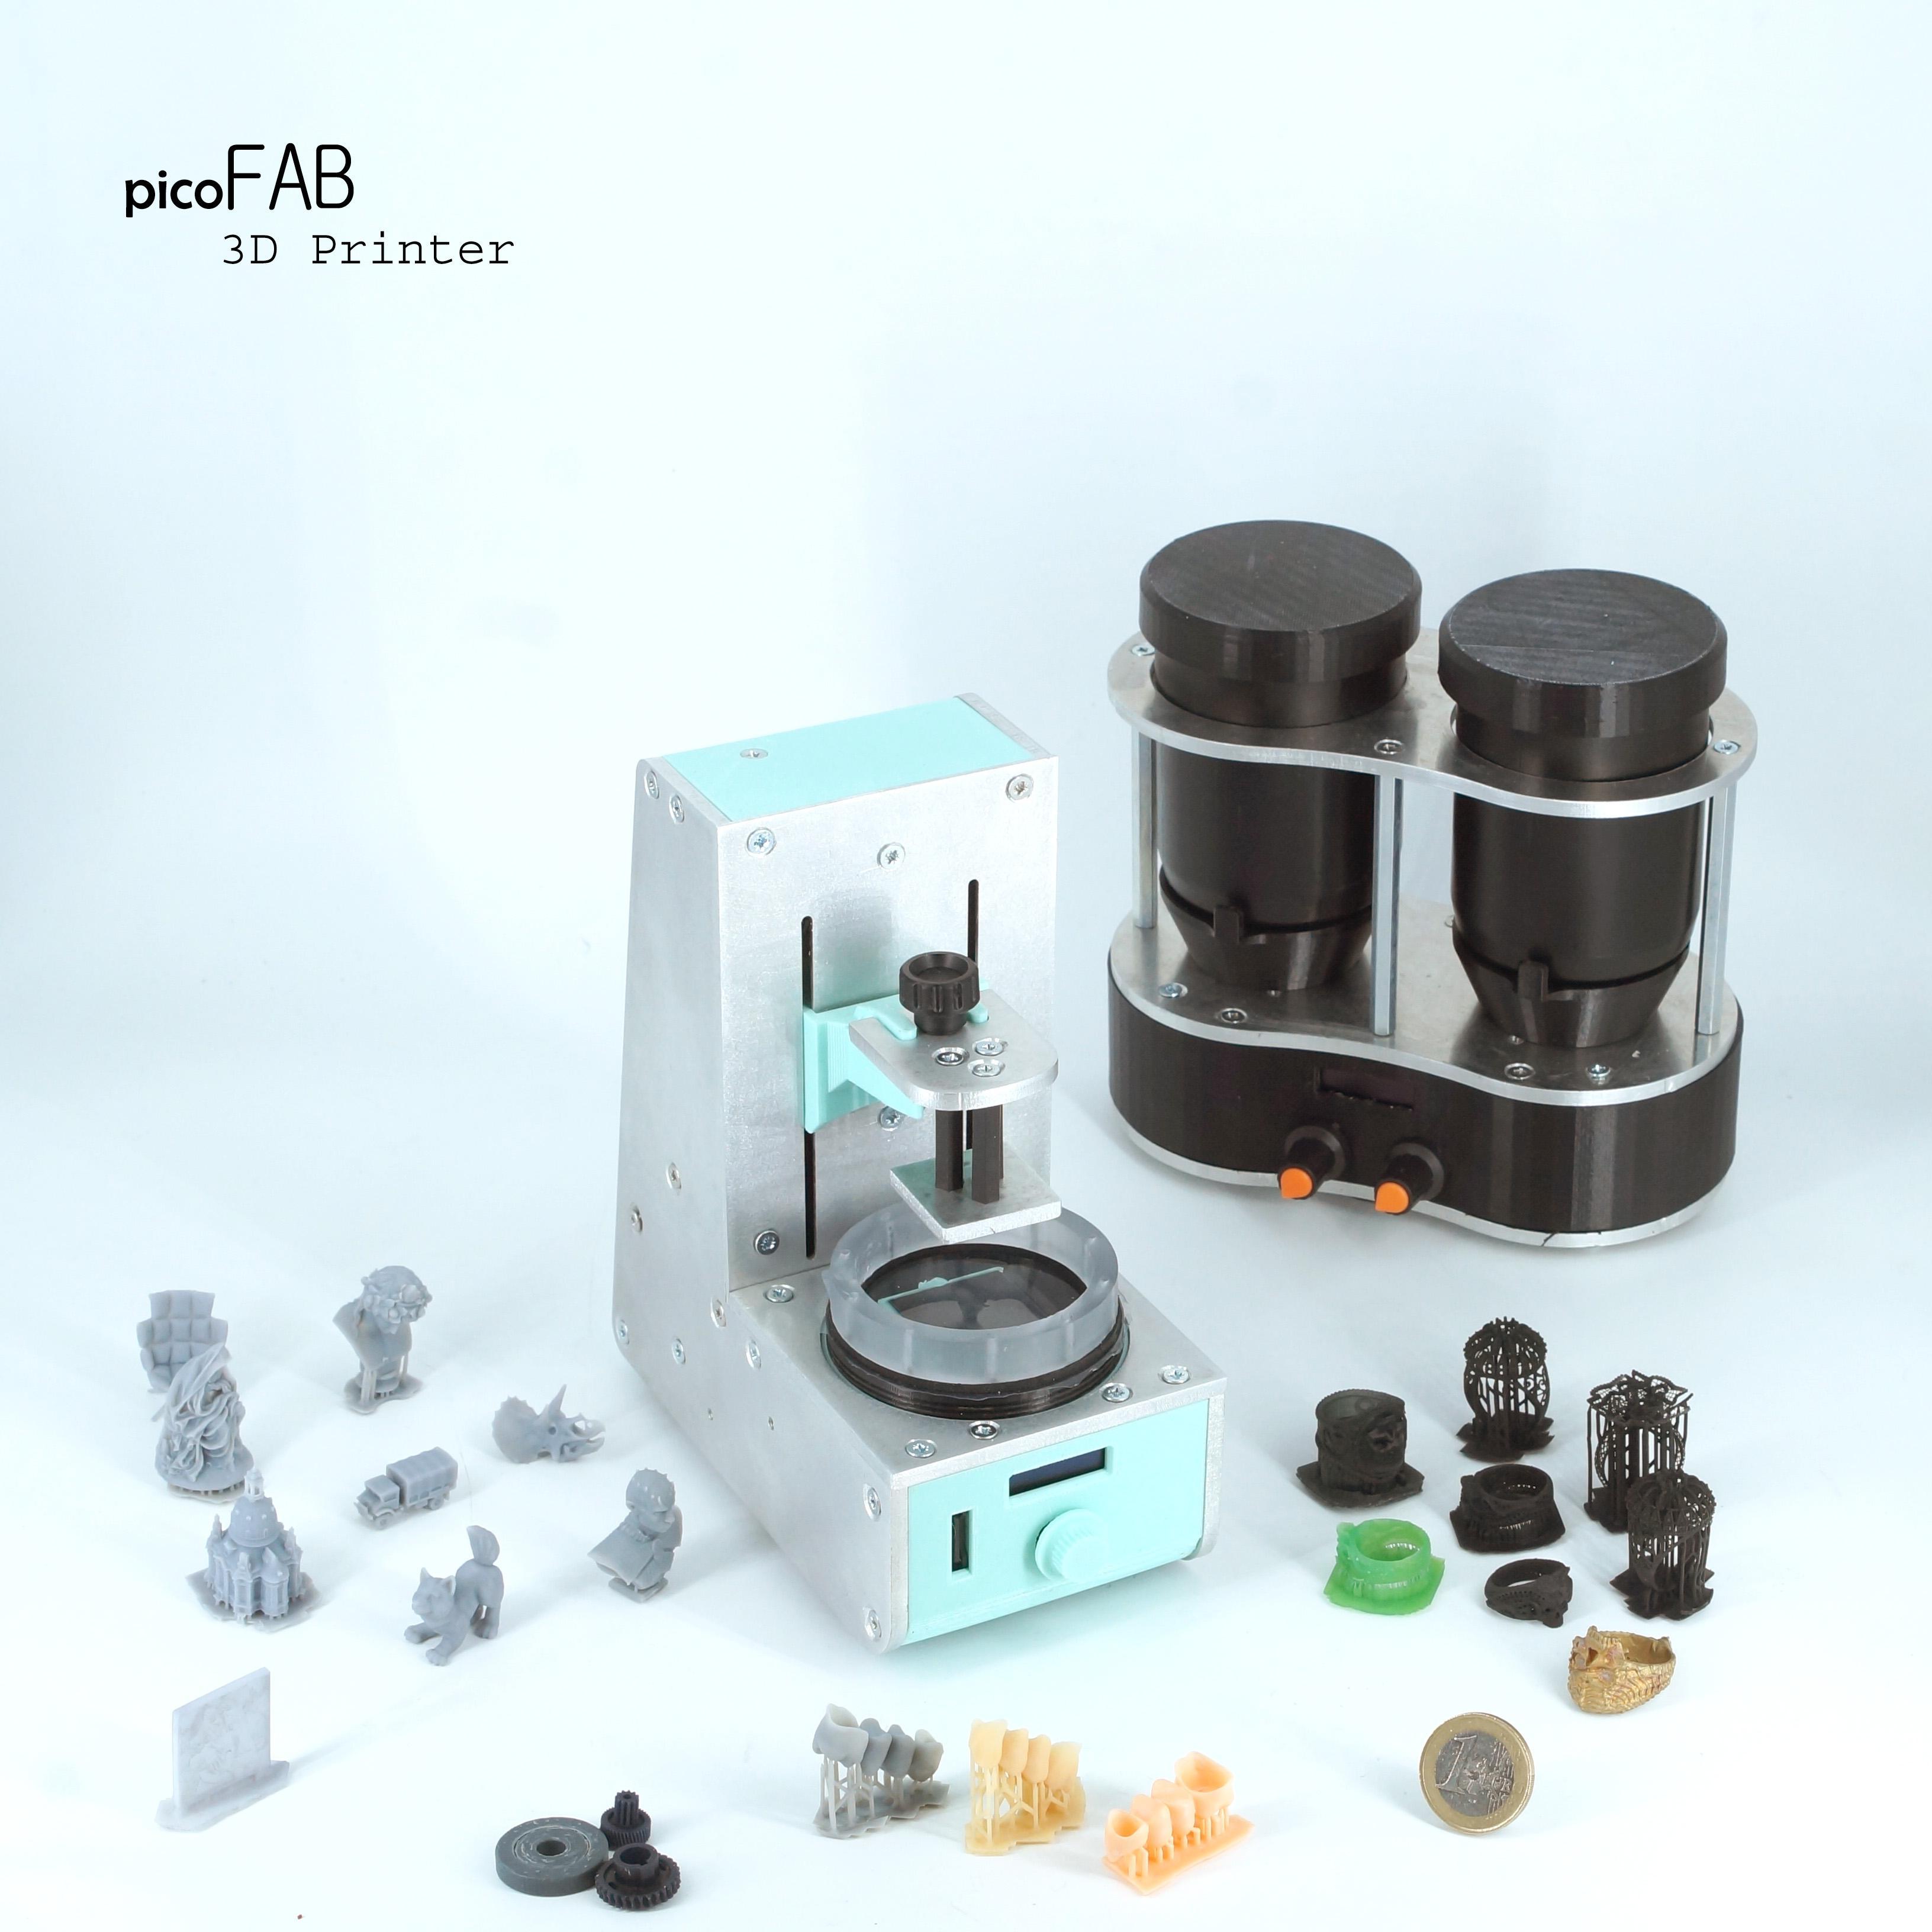 PicoFab: la piu' piccola stampante 3D a resina, per realizzare piccole parti di precisione